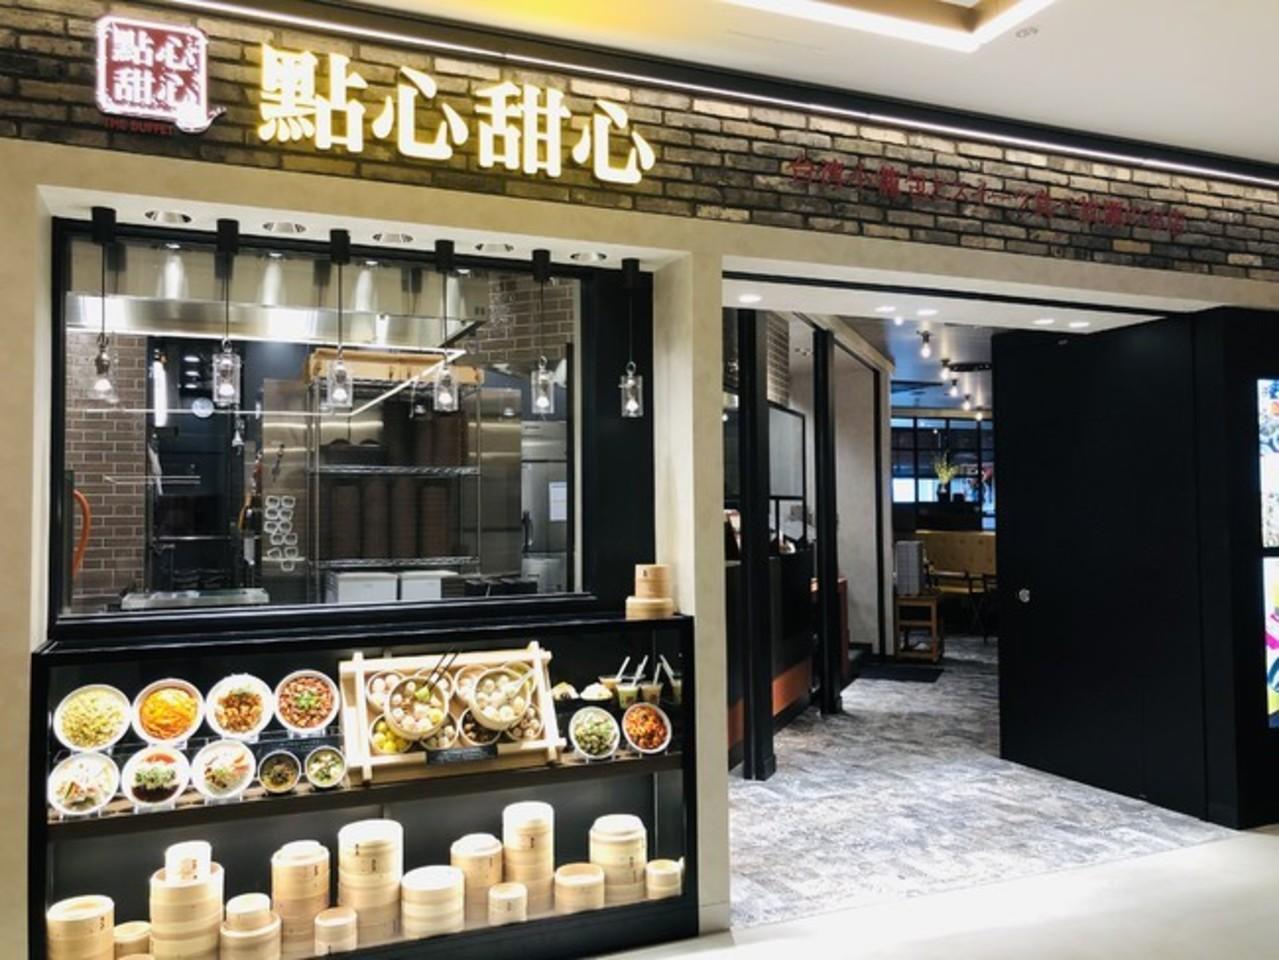 大阪市中央区に「ザブッフェ 點心甜心 心斎橋パルコ店」1月21日オープン!